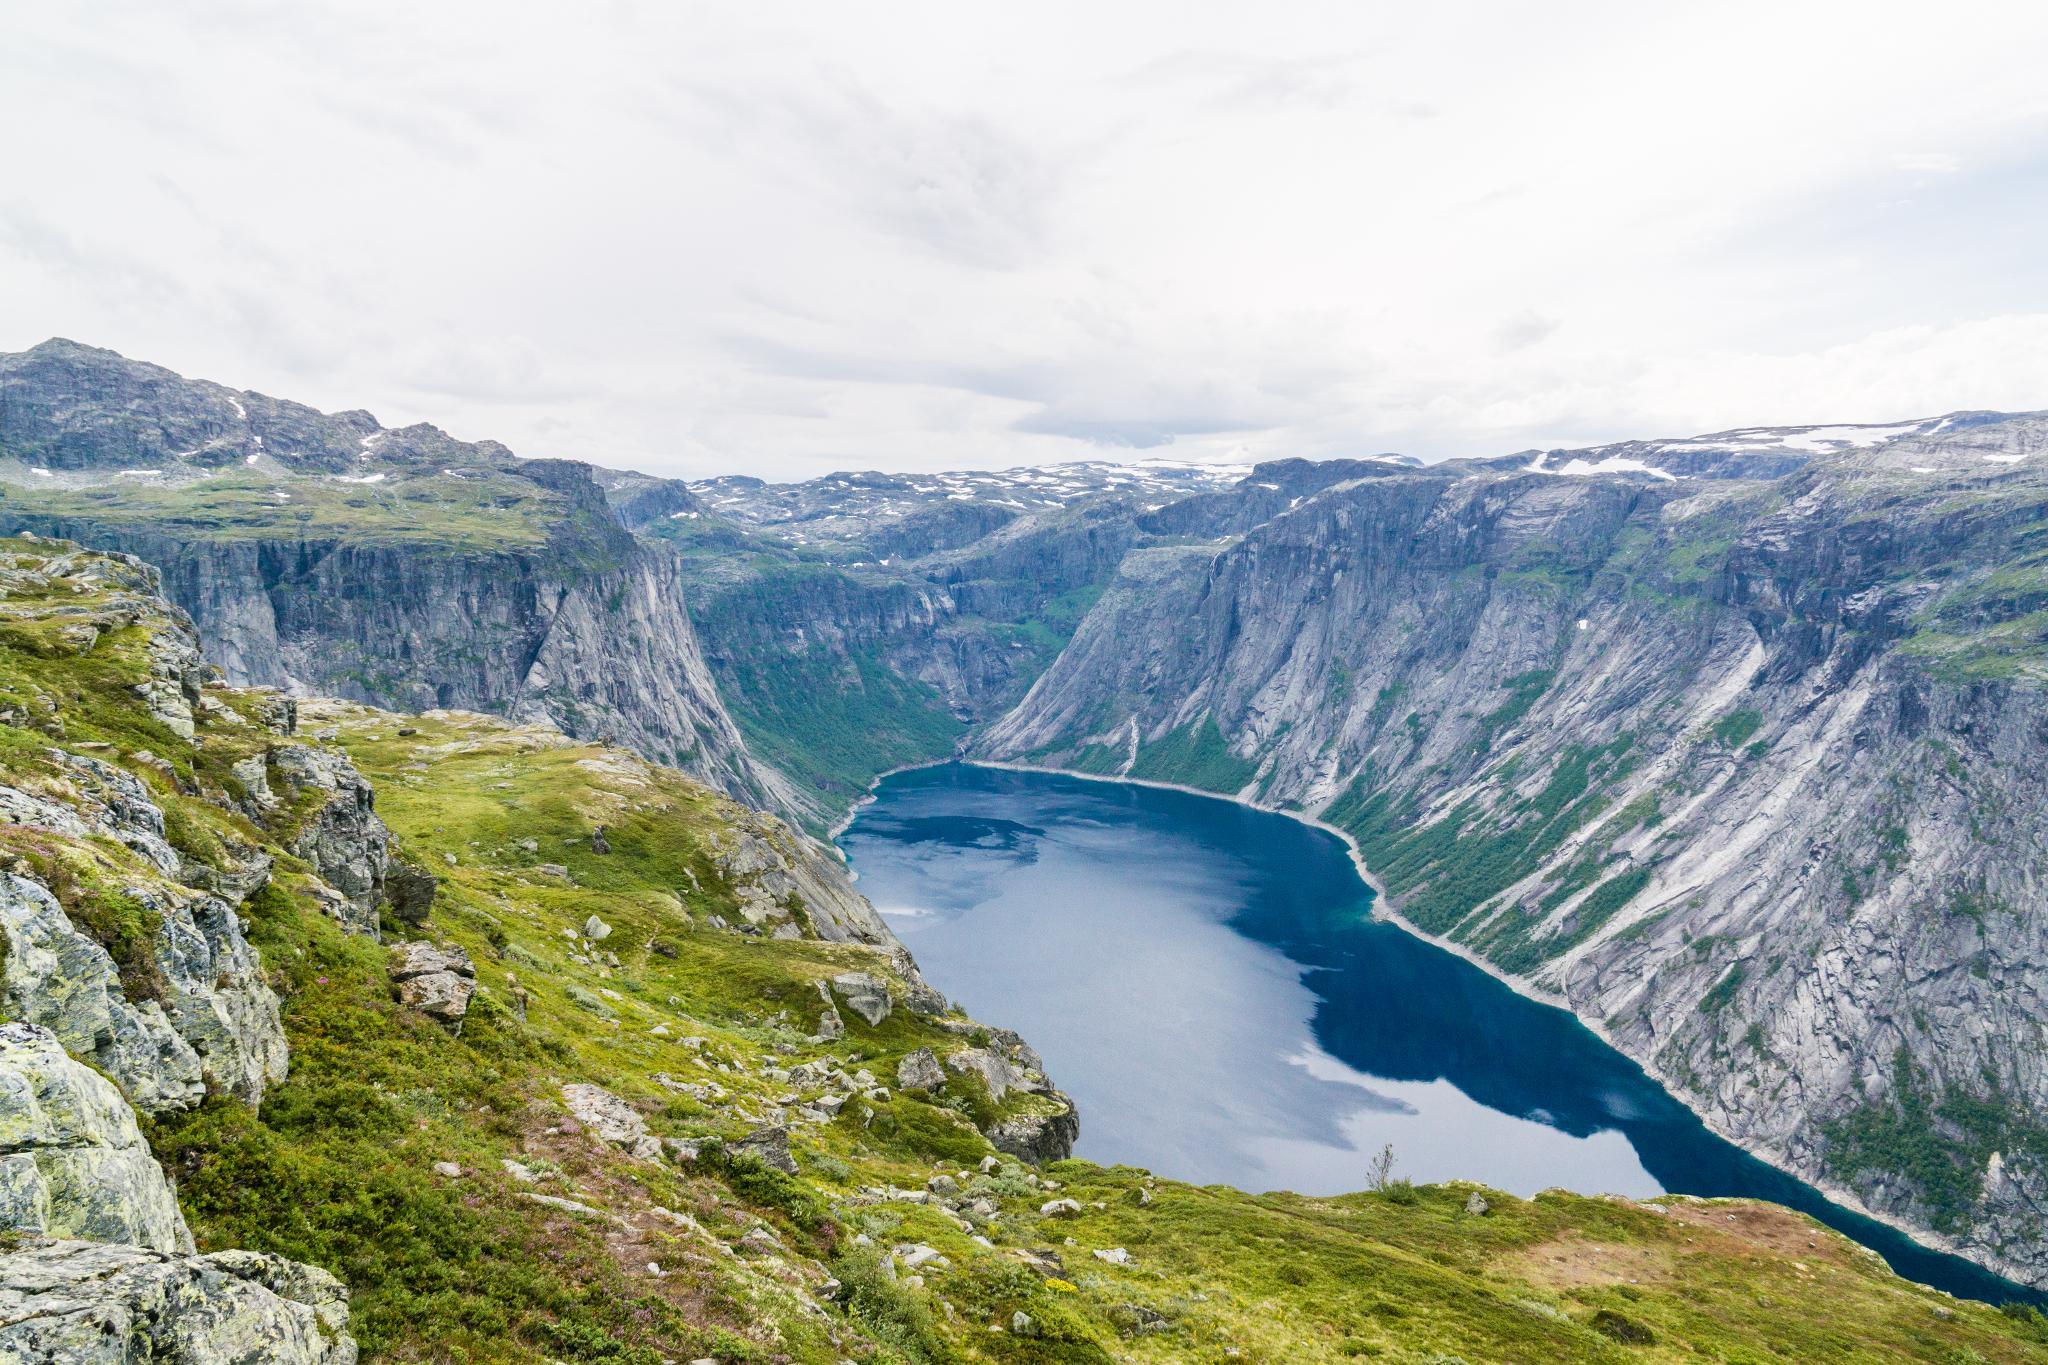 【北歐景點】挪威惡魔之舌 Trolltunga — 28公里健行挑戰全攻略 210